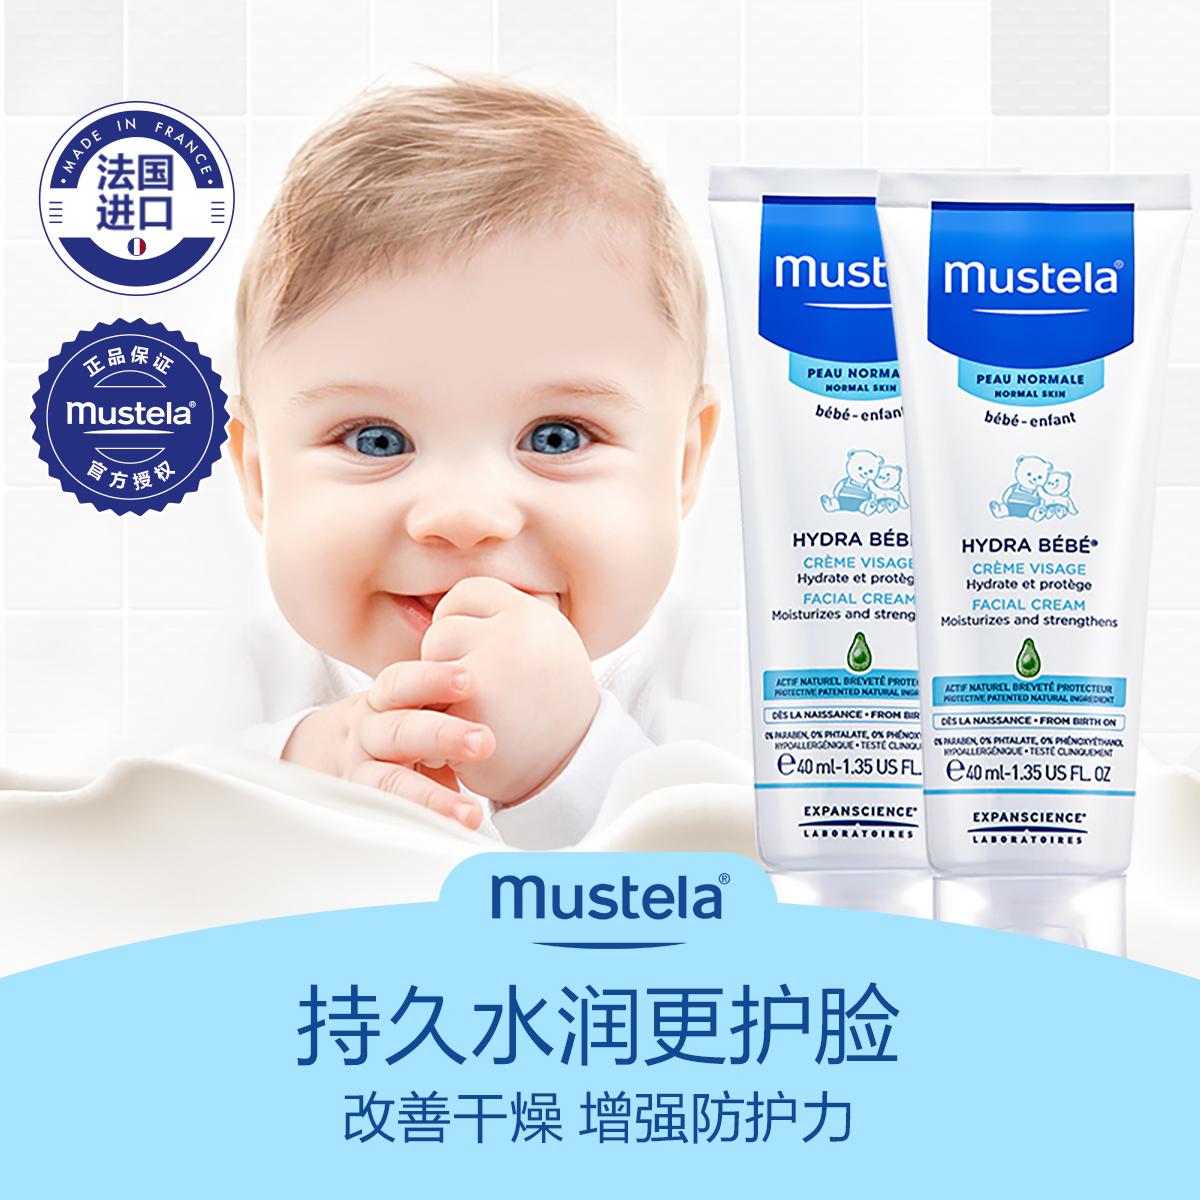 mustela妙思乐滋润宝宝保湿面霜40ml 2支润肤霜乳 护肤用品 法国